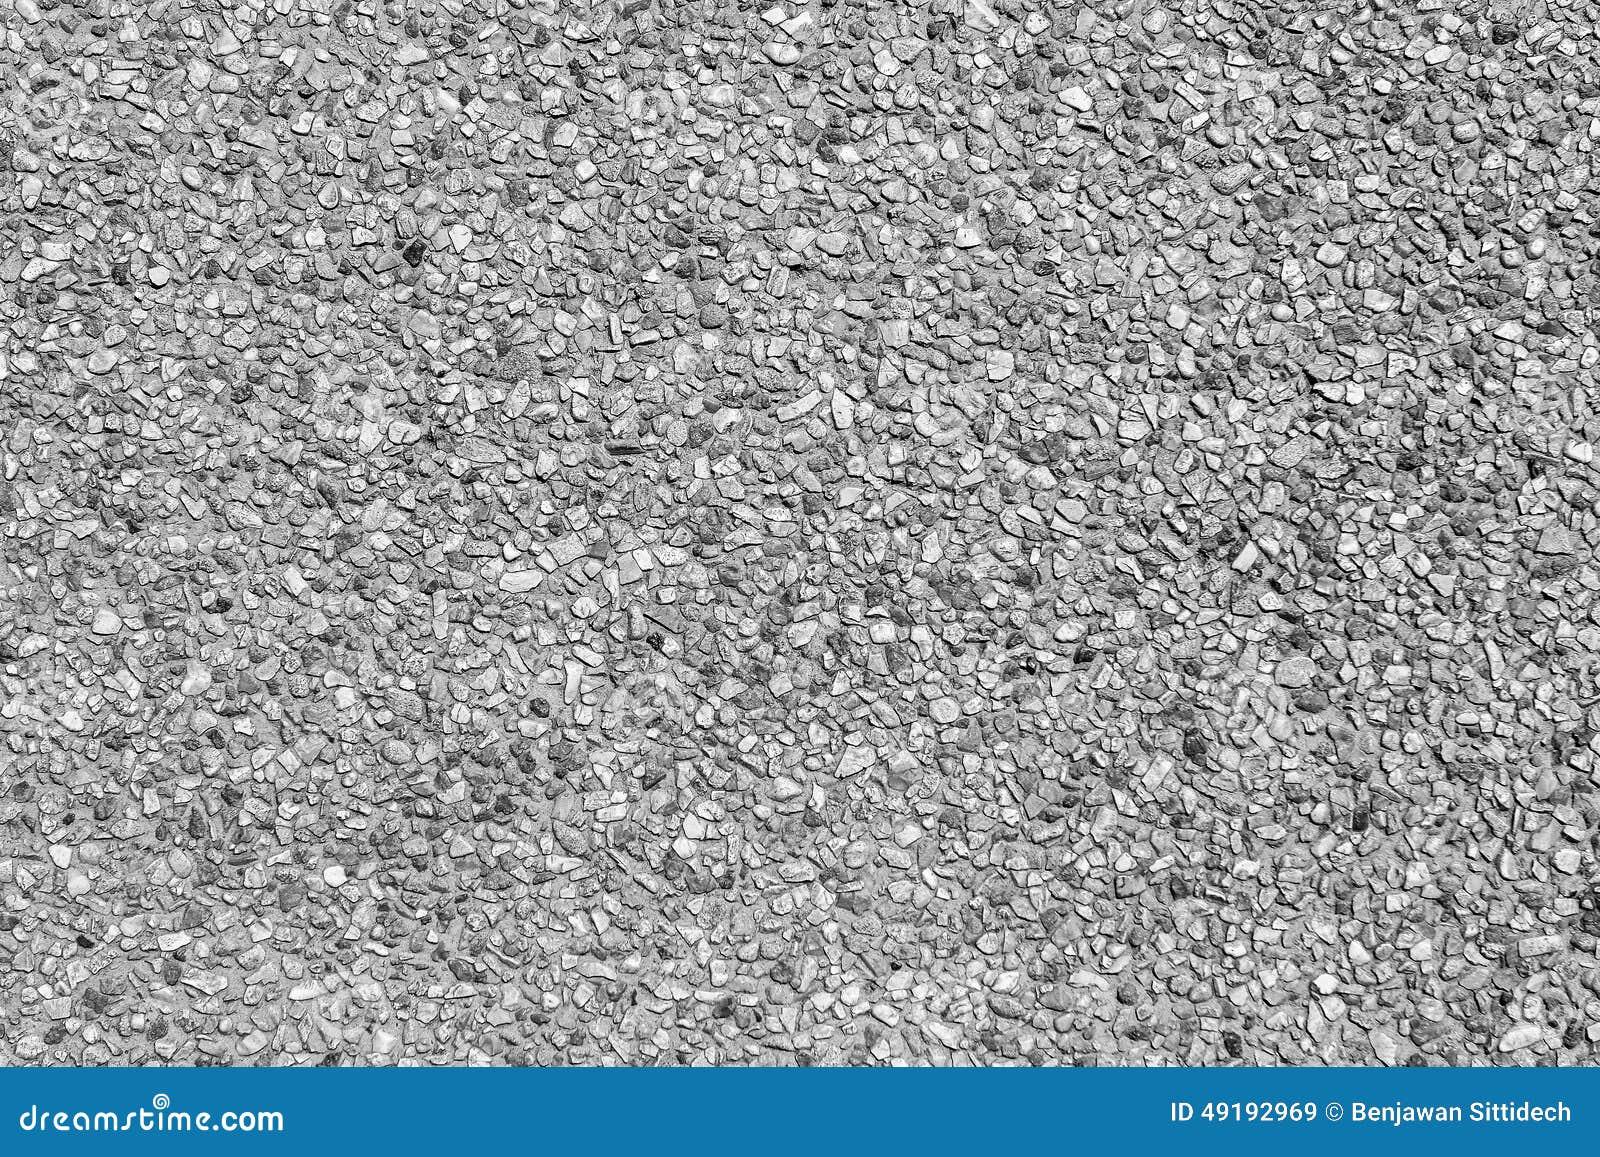 Grey Pebble Stone Floor Texture Background Stock Image